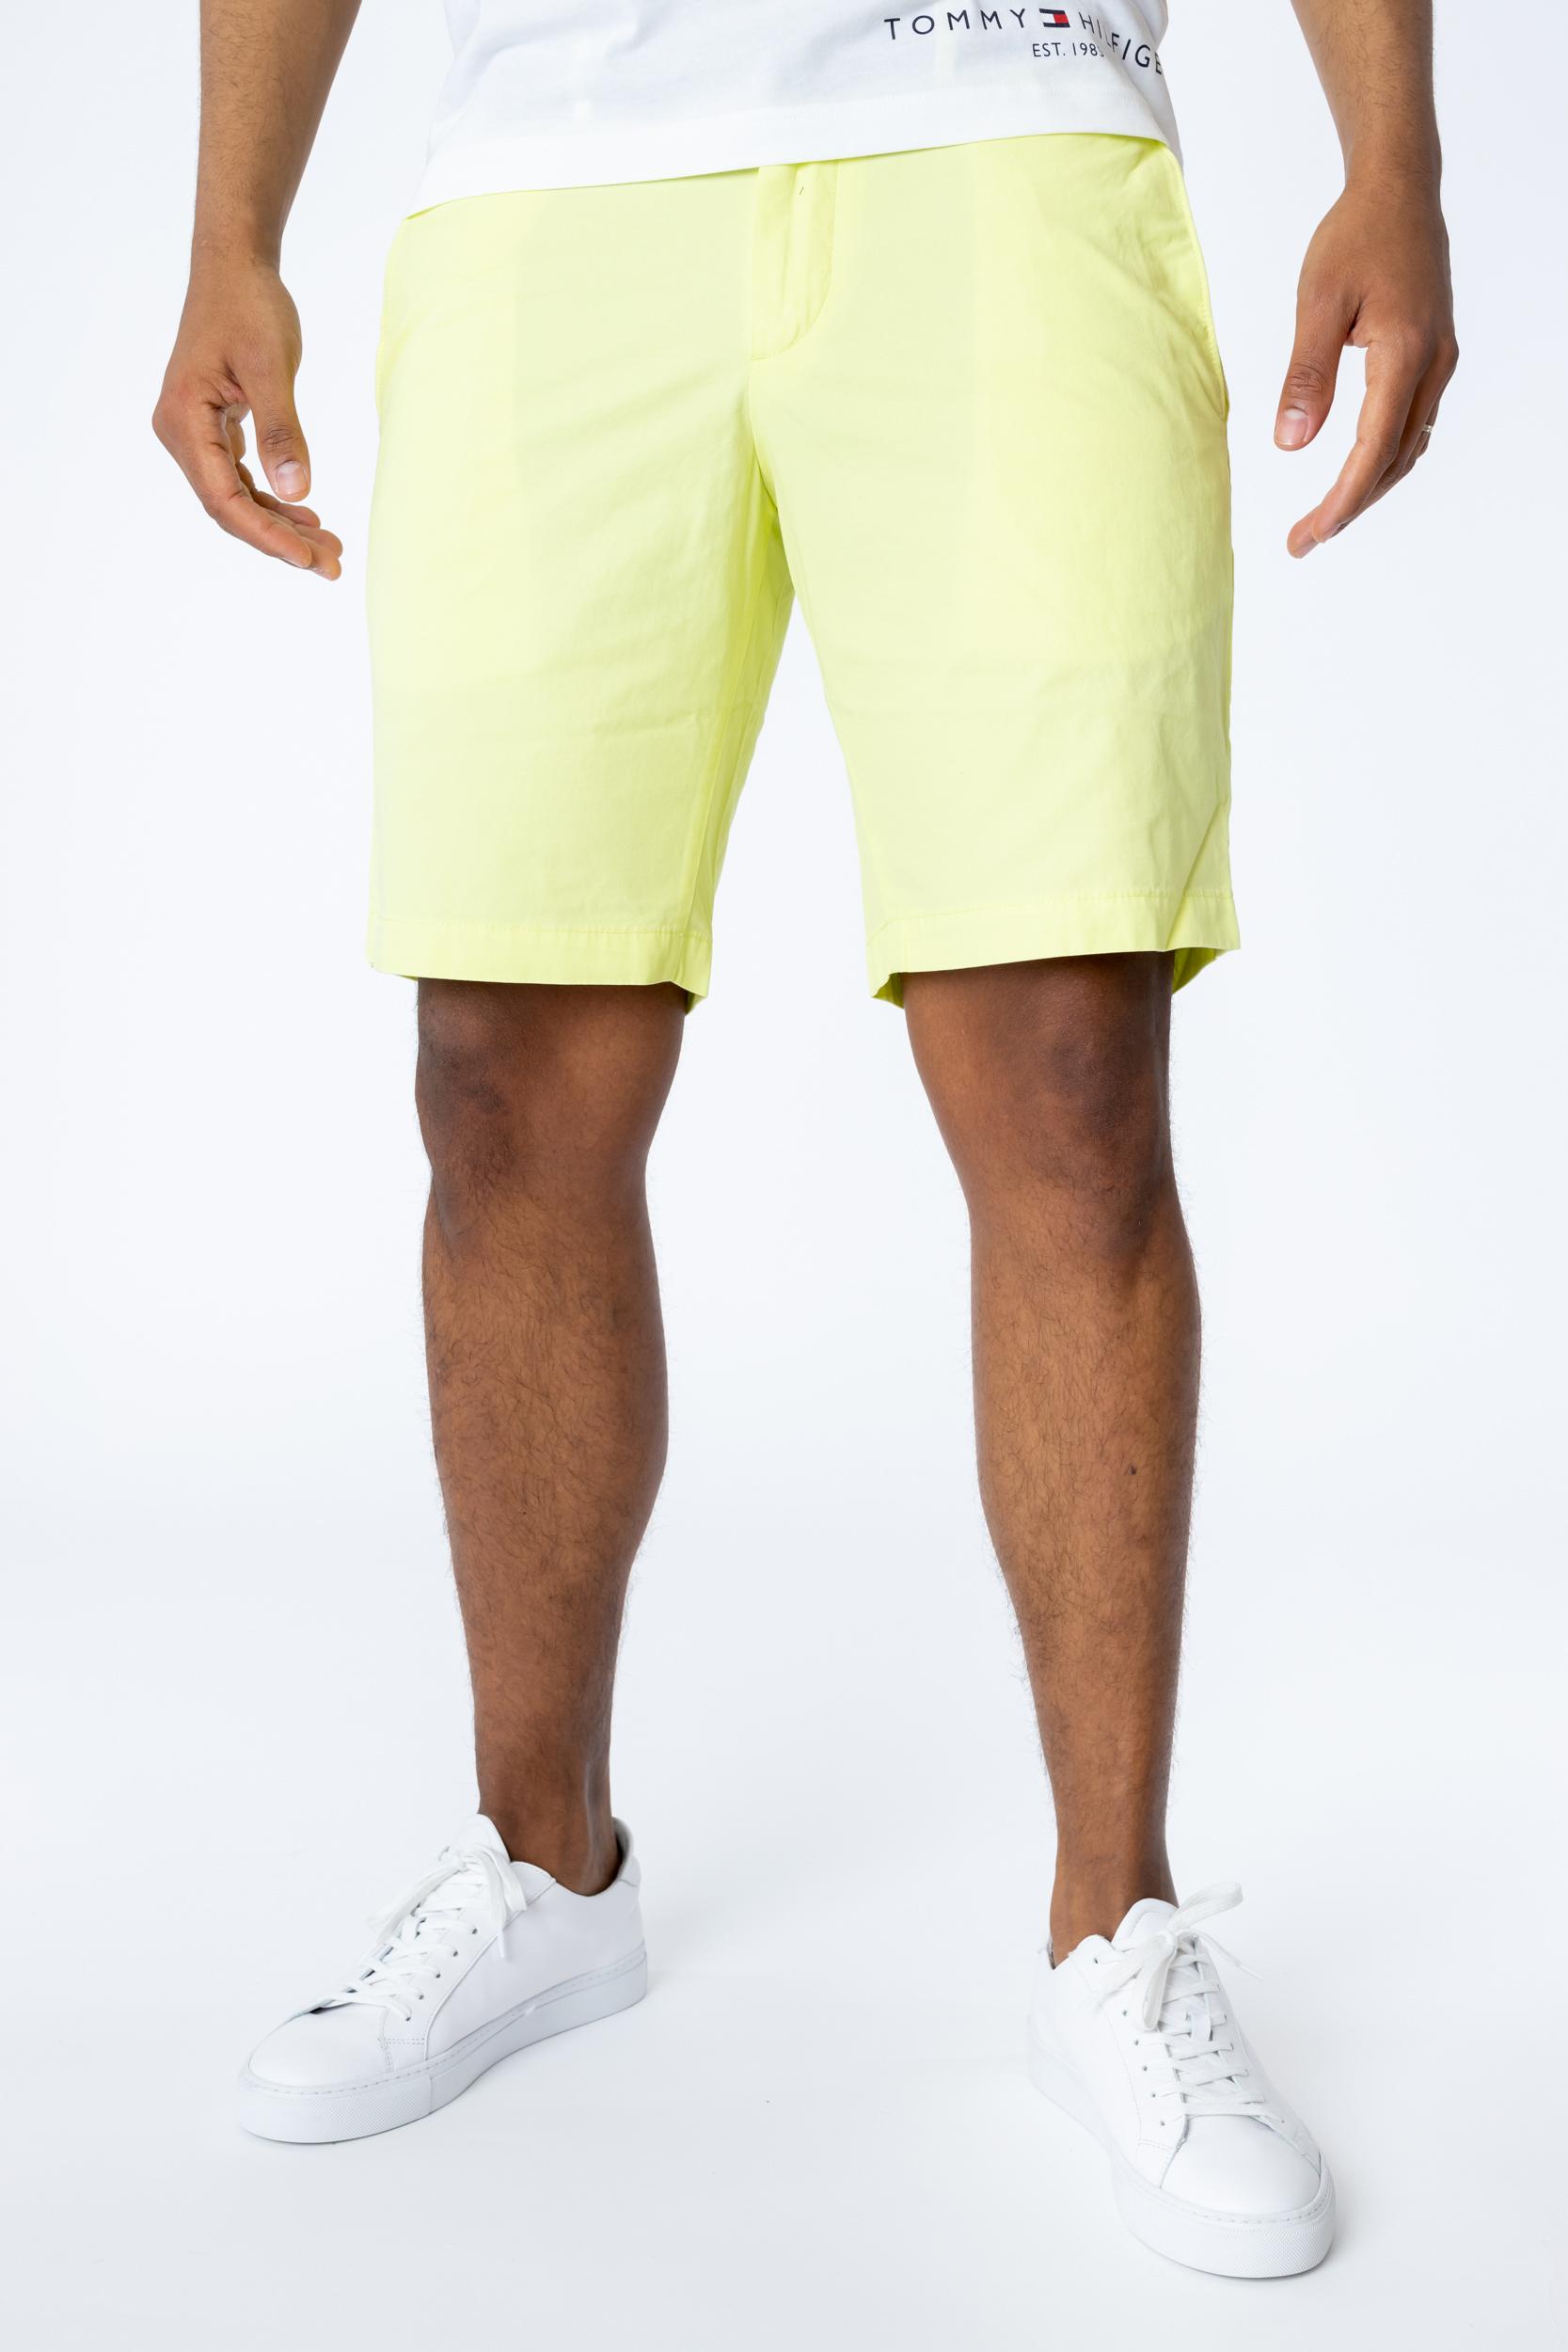 Shorts Brooklyn Light Twill